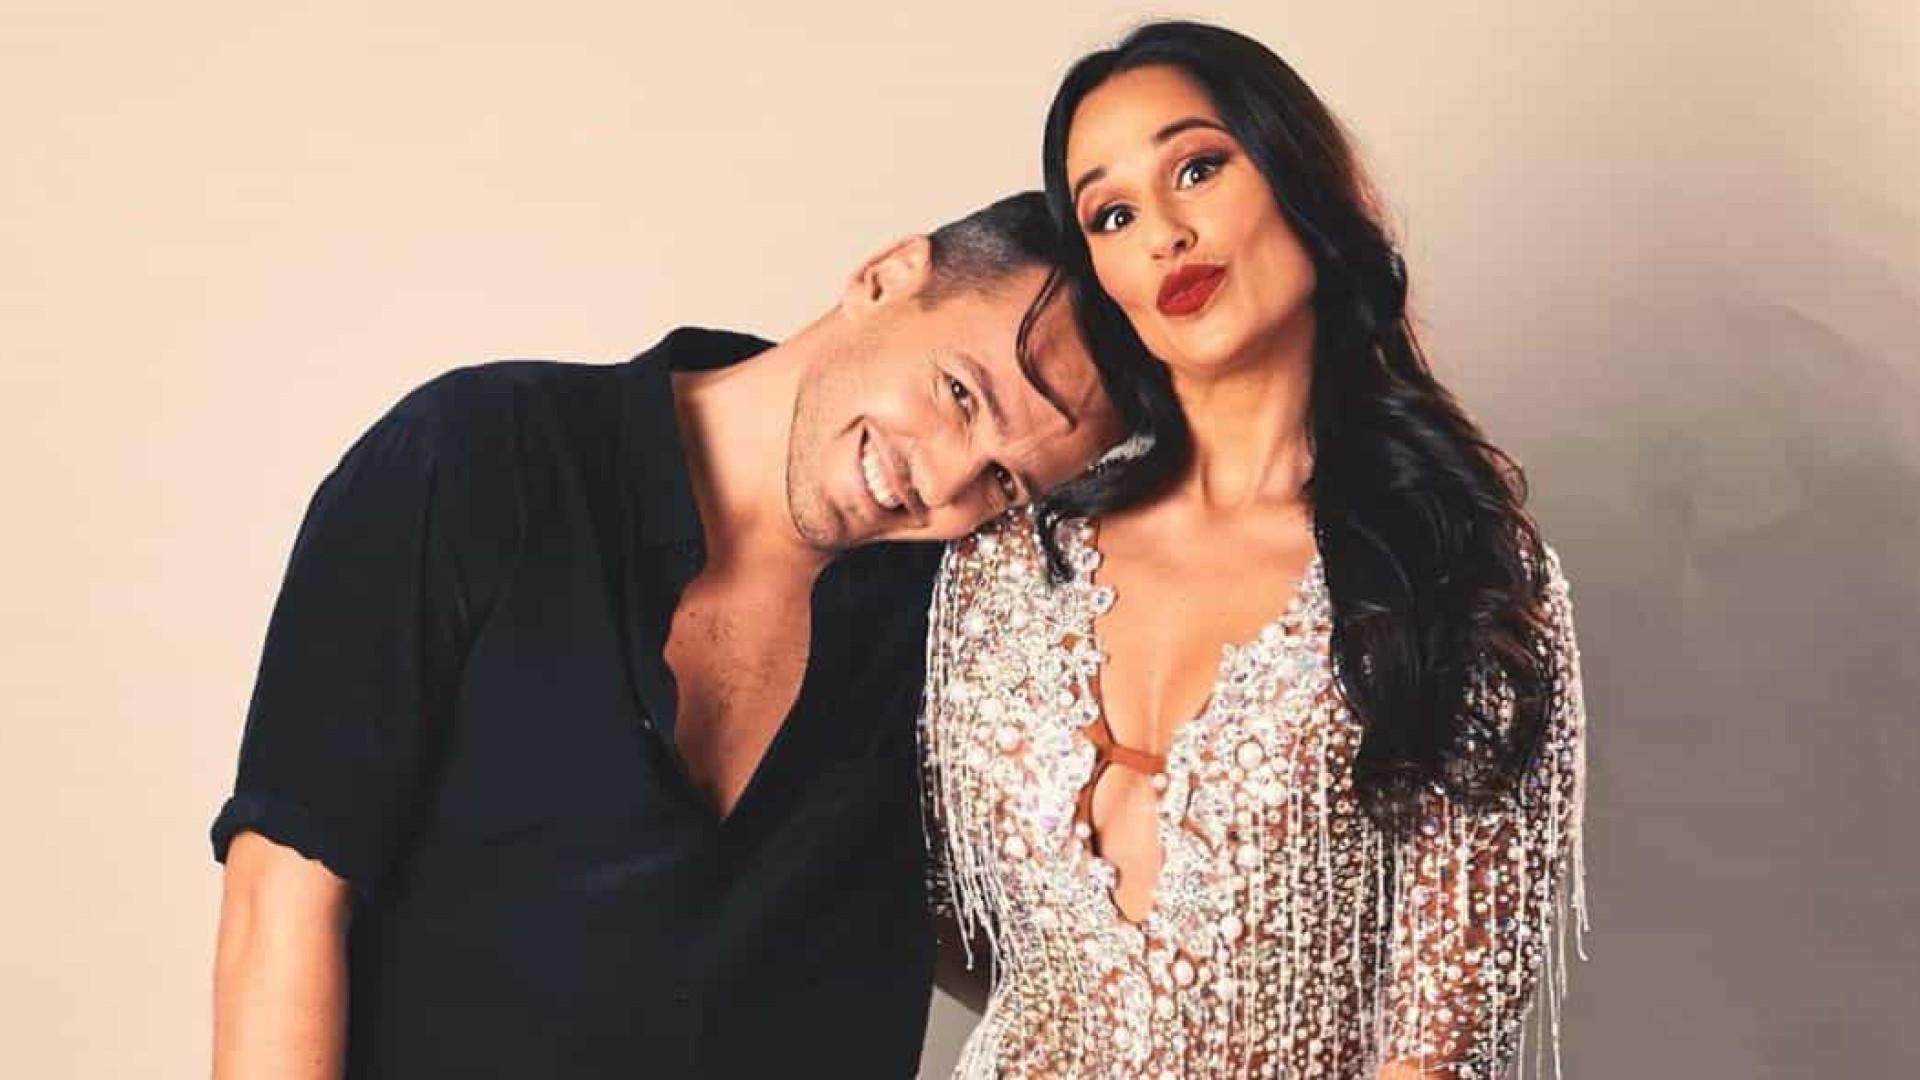 Na véspera de estreia, Rita Pereira explica porque não está nervosa